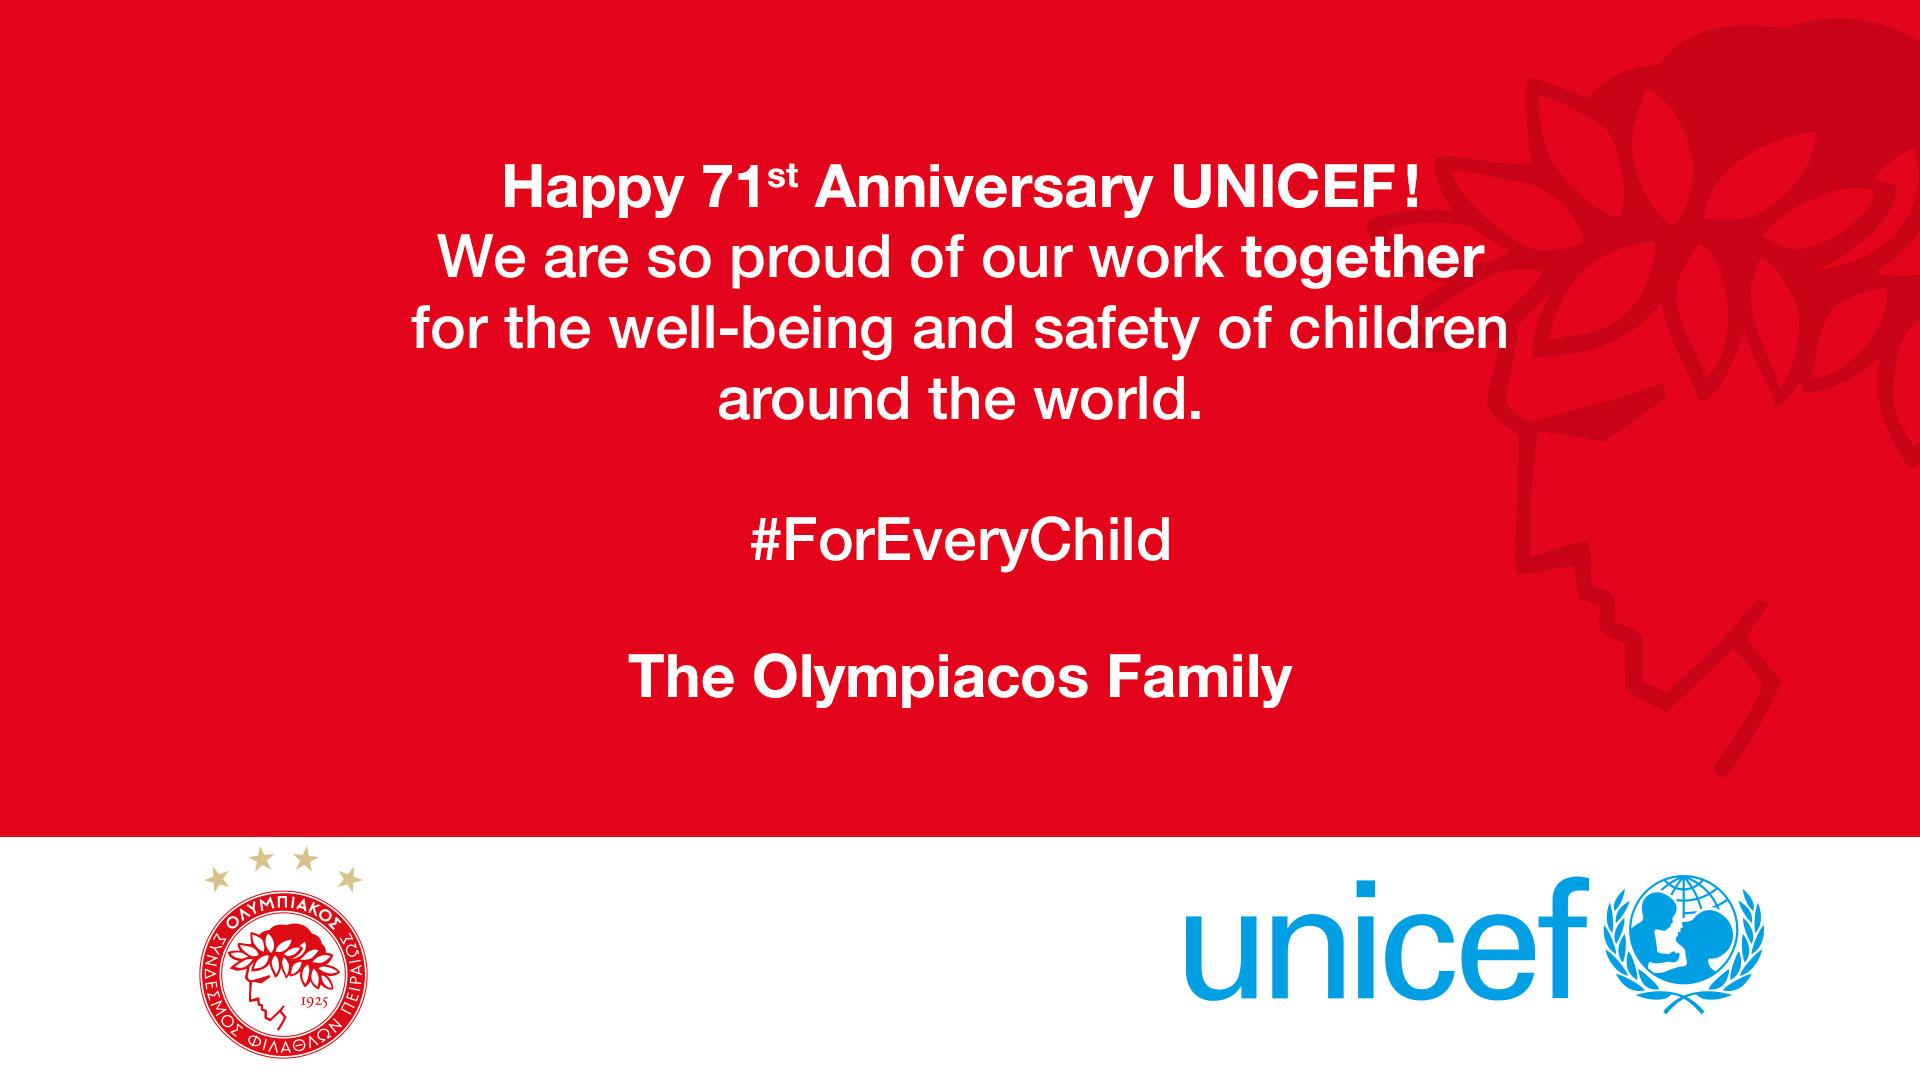 Joyeux anniversaire UNICEF